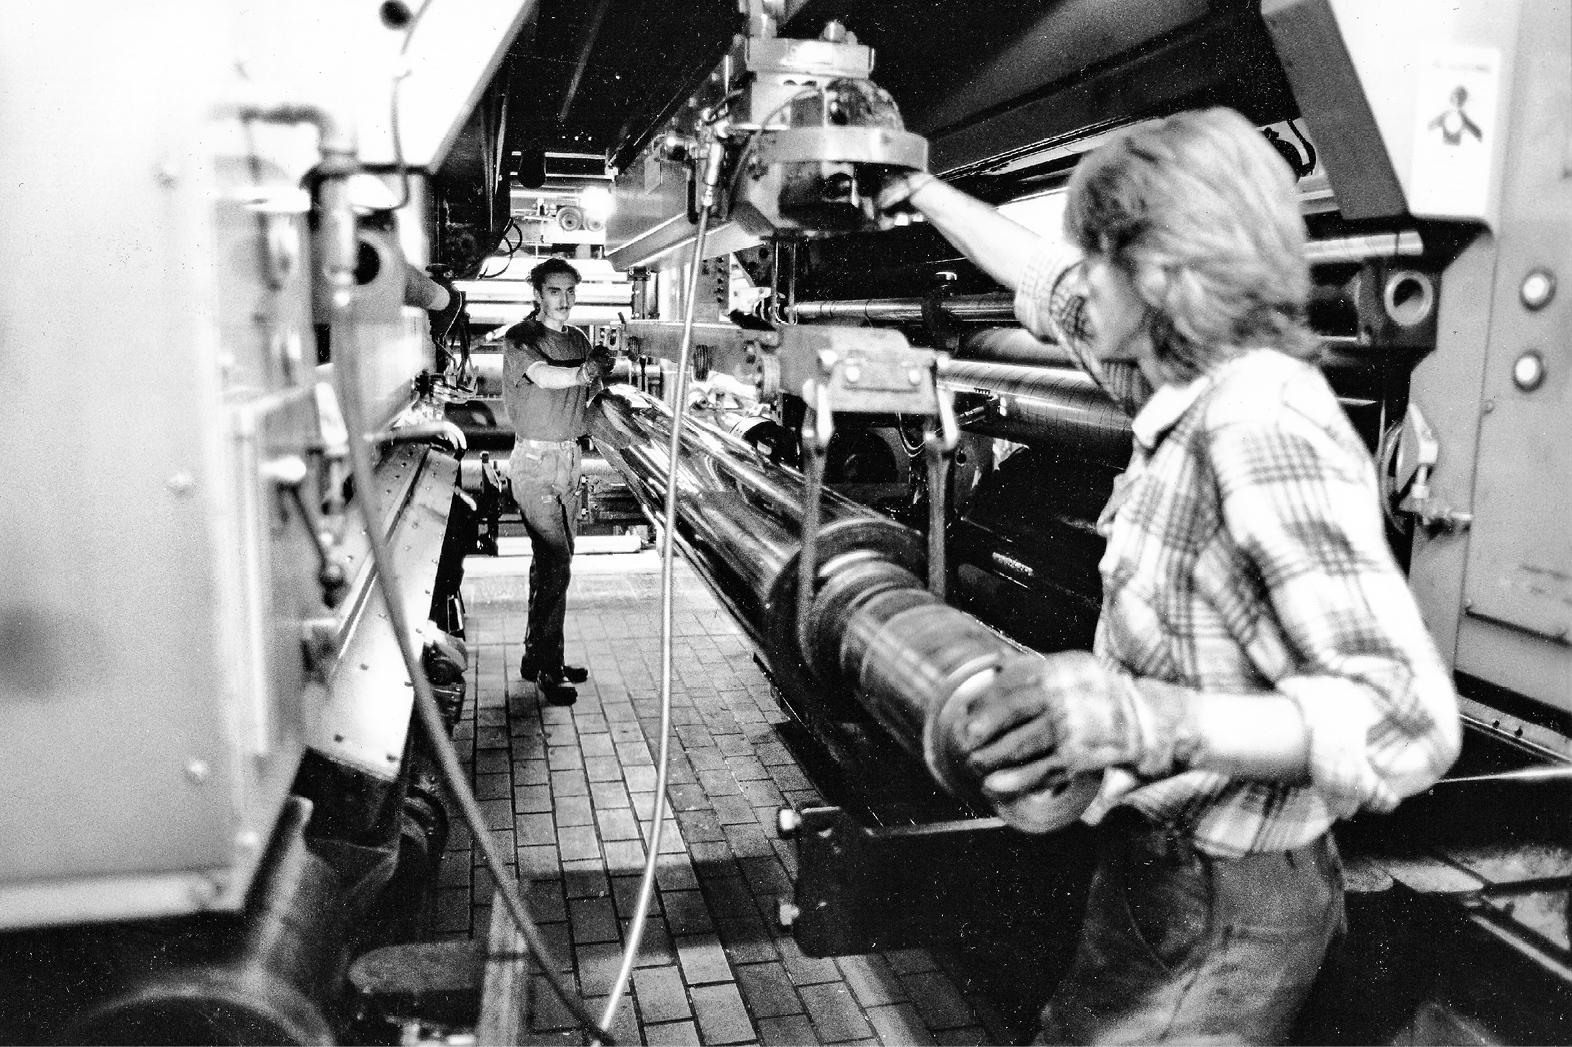 1993-06-00_–_Bachmeier_–_Tiefdruckerei_Sebald_N_rnberg_–_Wechseln_der_Walze